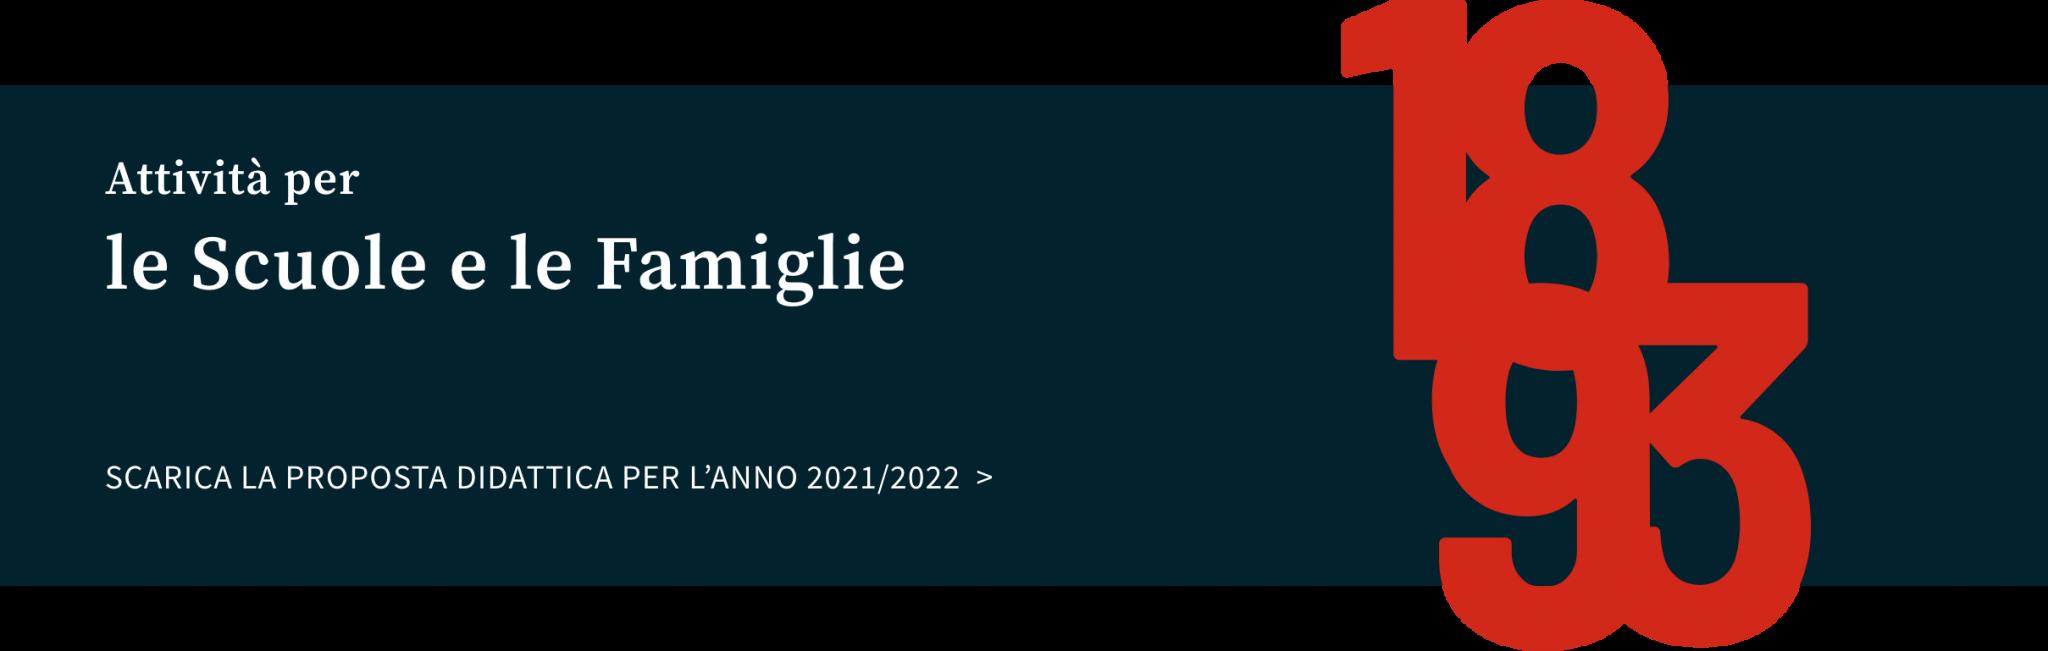 Banner-attivita-didattiche-2021-2022